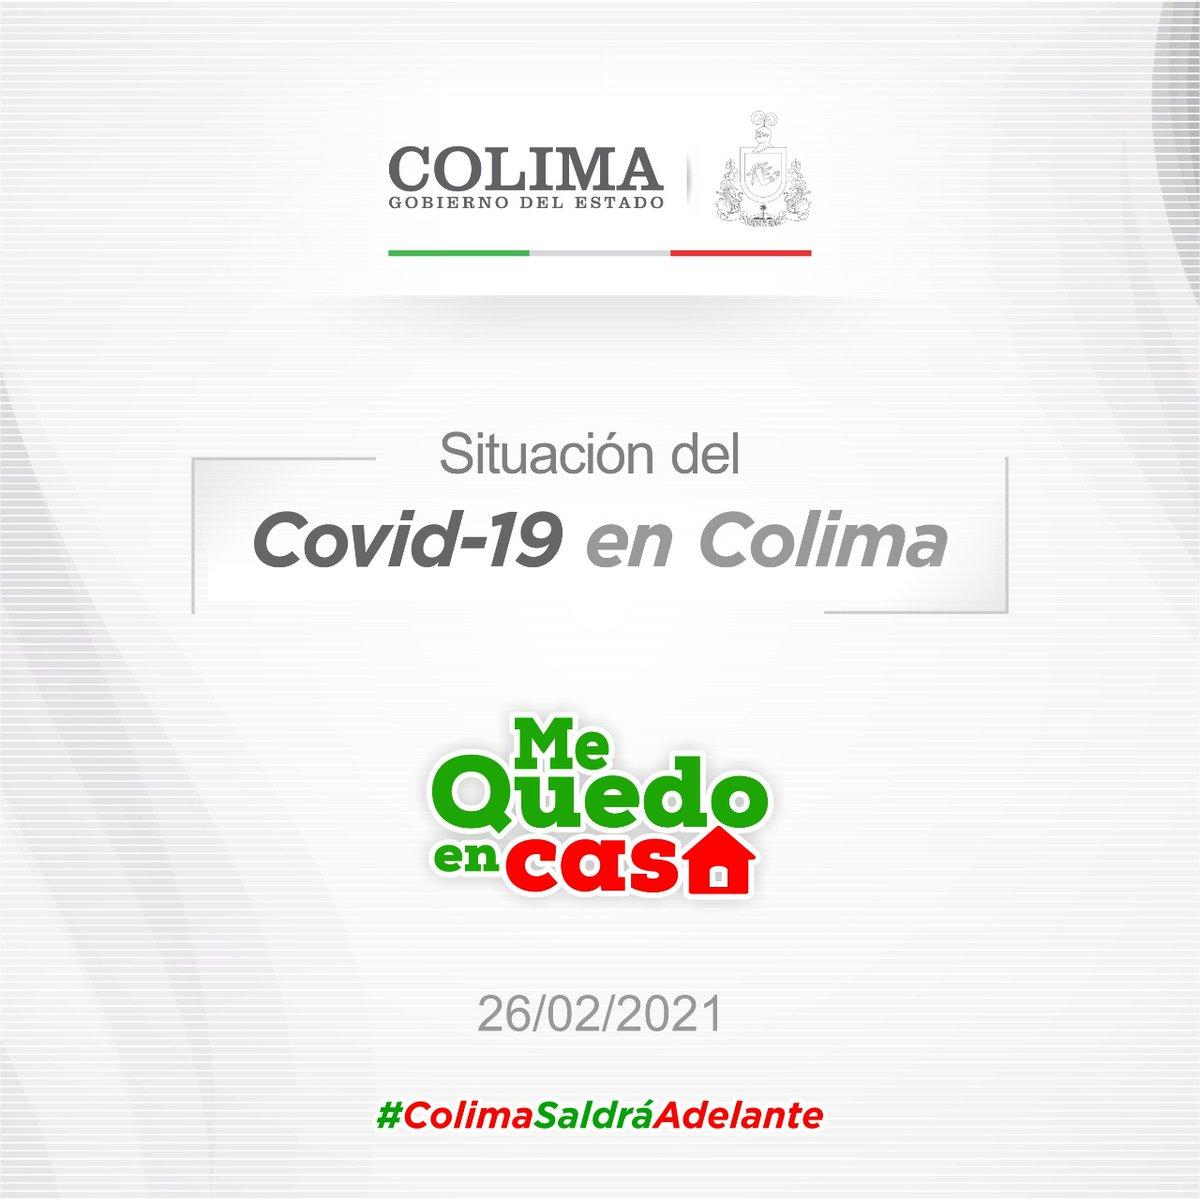 Reporte #COVID19COLIMA Hoy 26 de febrero de 2021, se registraron 26 nuevos casos y 3 defunciones por Covid-19, acumulando un total de 9 mil 905 casos confirmados y 1,137 decesos.  Consulta más información aquí 👉